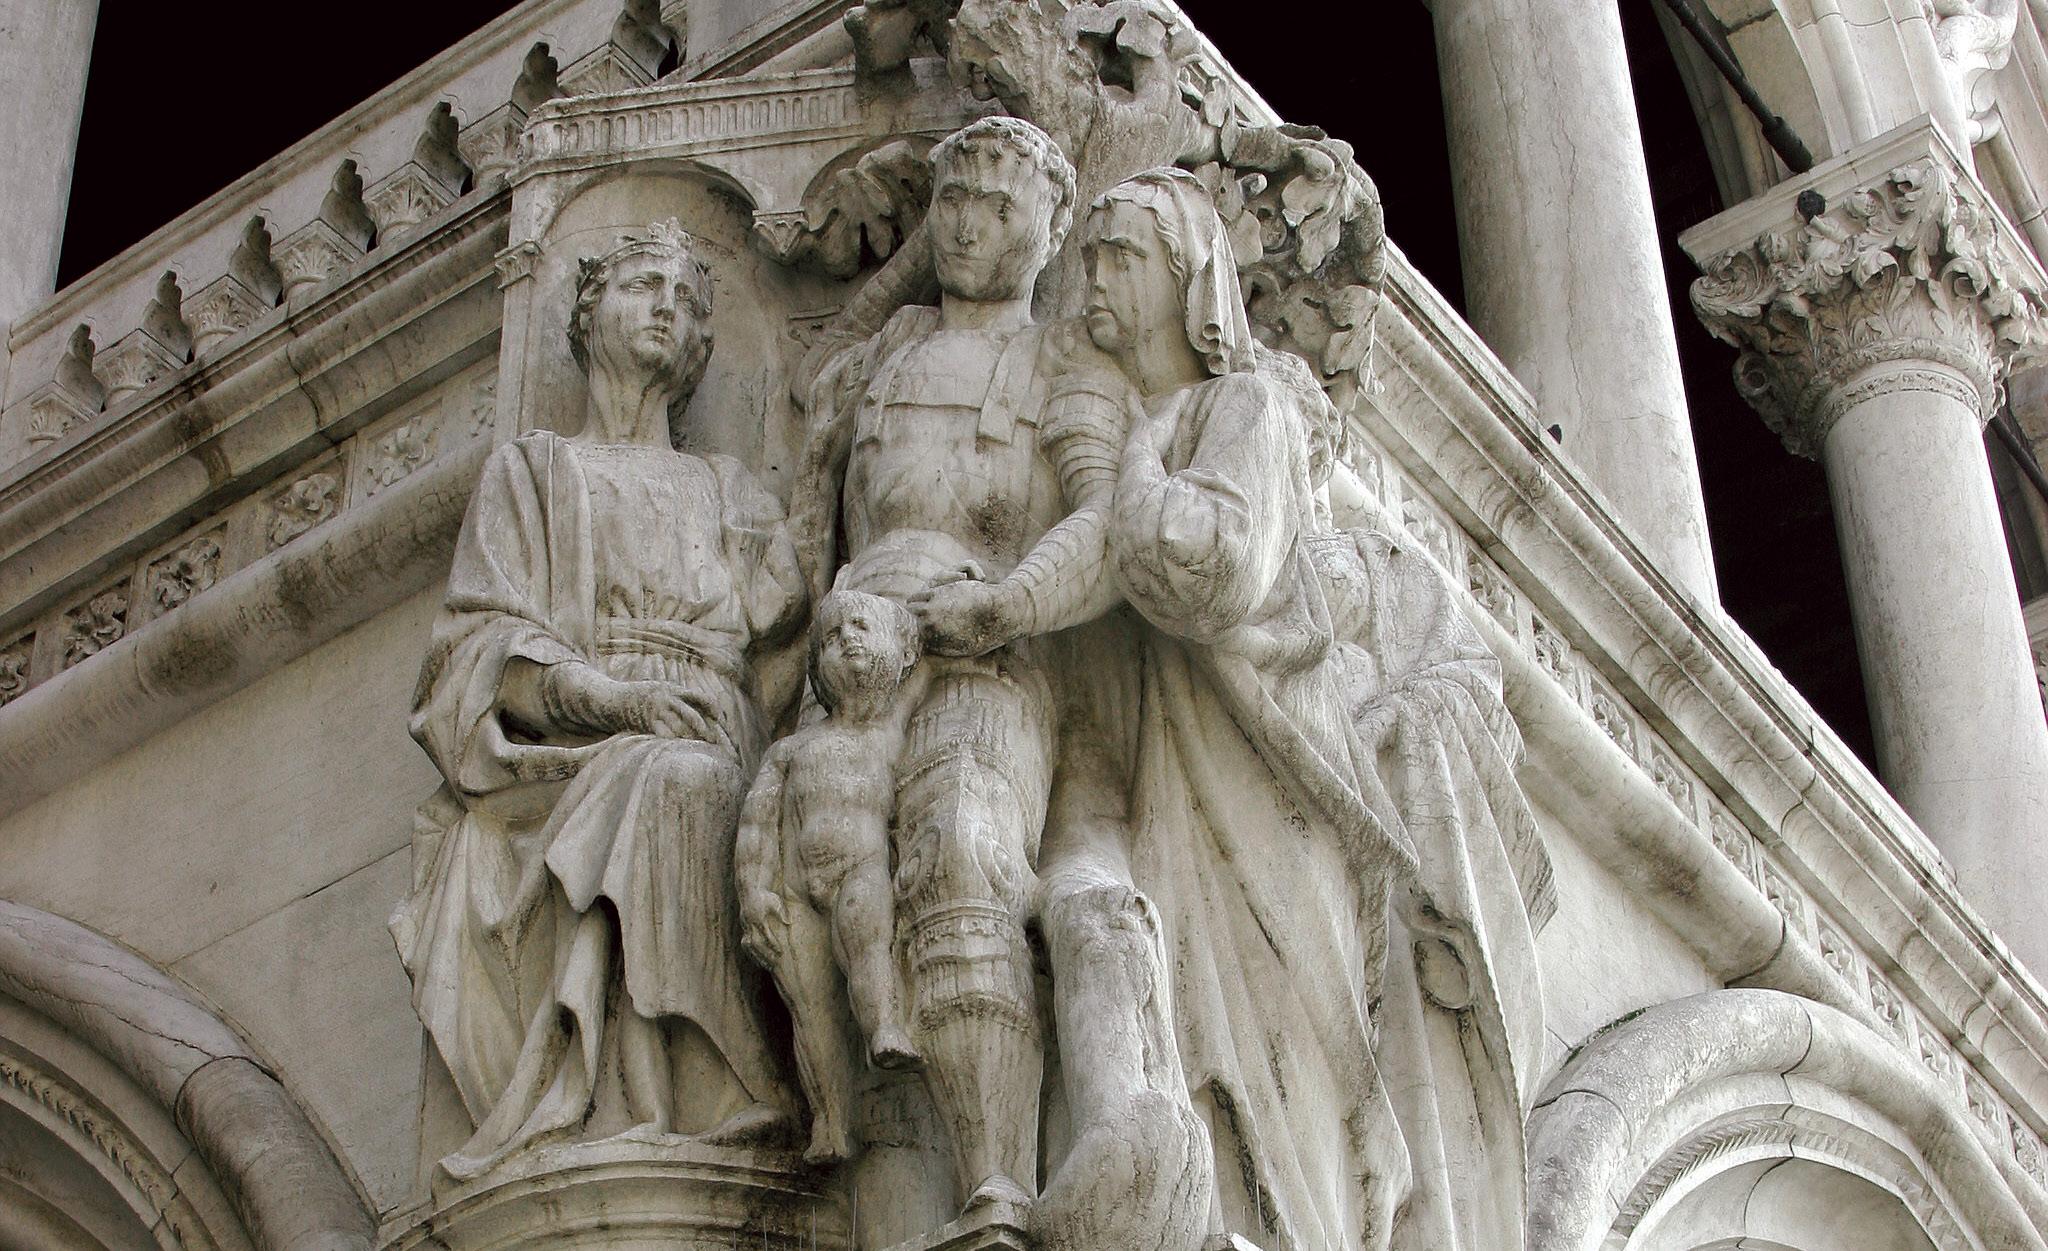 Veridicto do rei Salomão no Palácio do Doge, Veneza, Itália